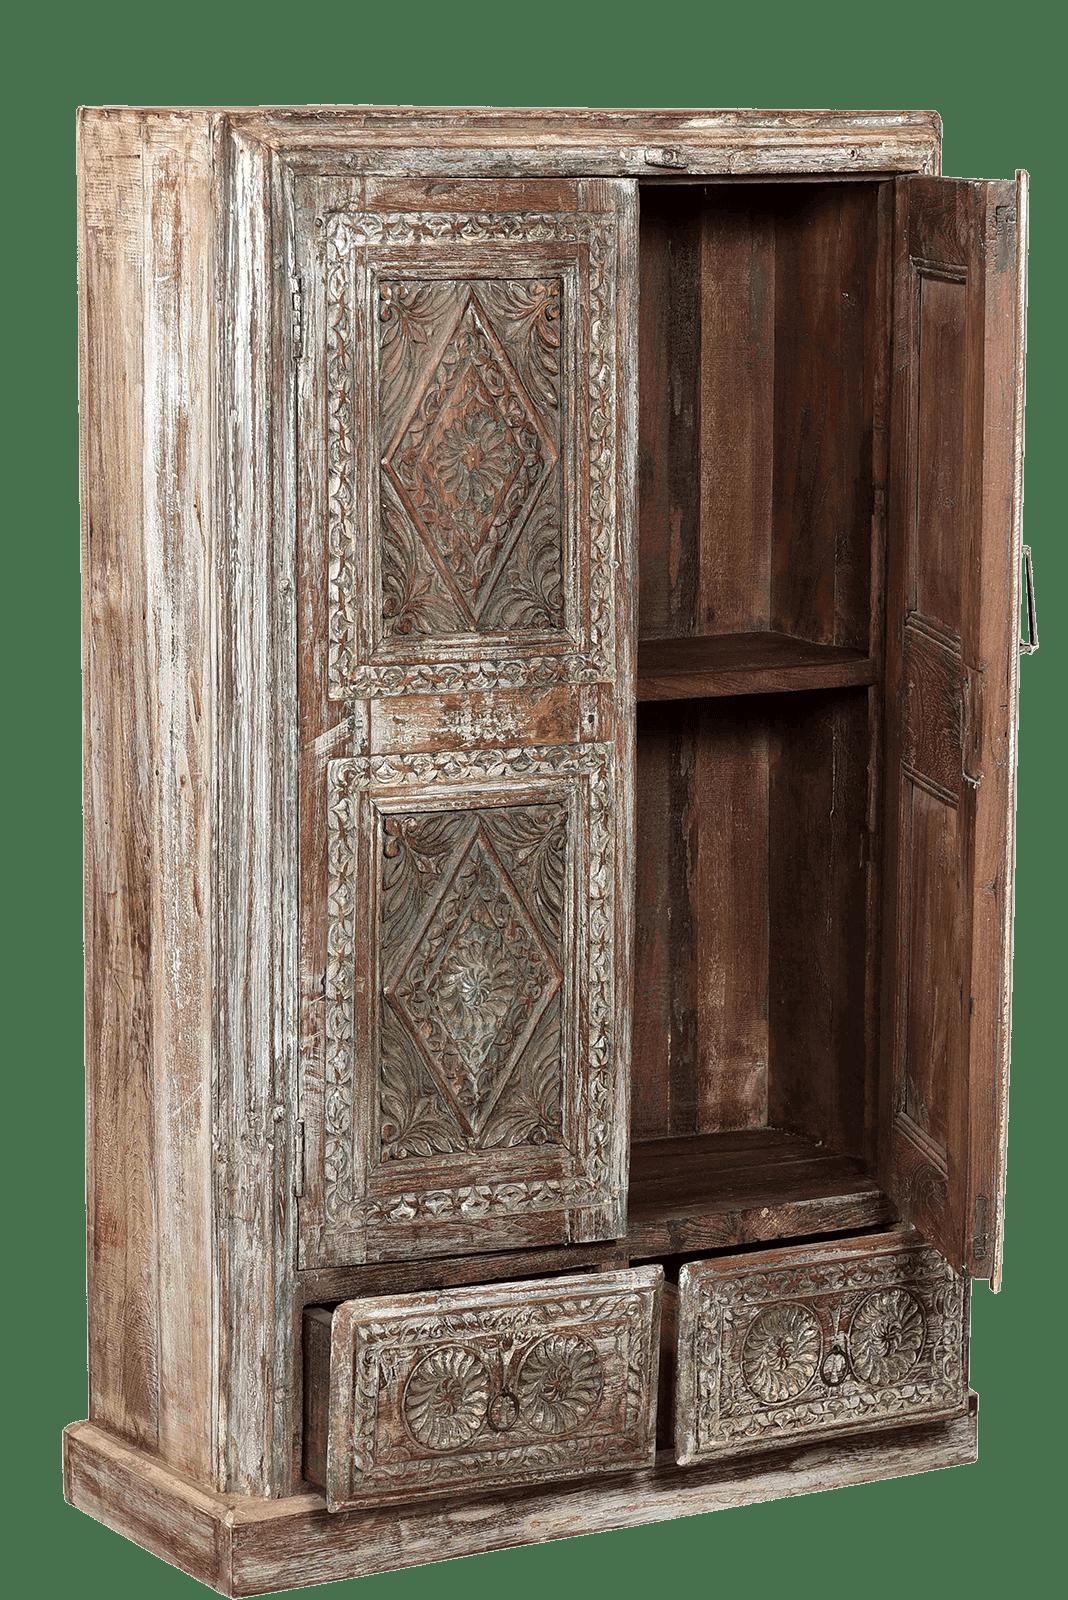 oude-almirah-kast-uit-india-oosterse-meubelen-indiase-meubels-vintage-natural-koreman-maastricht